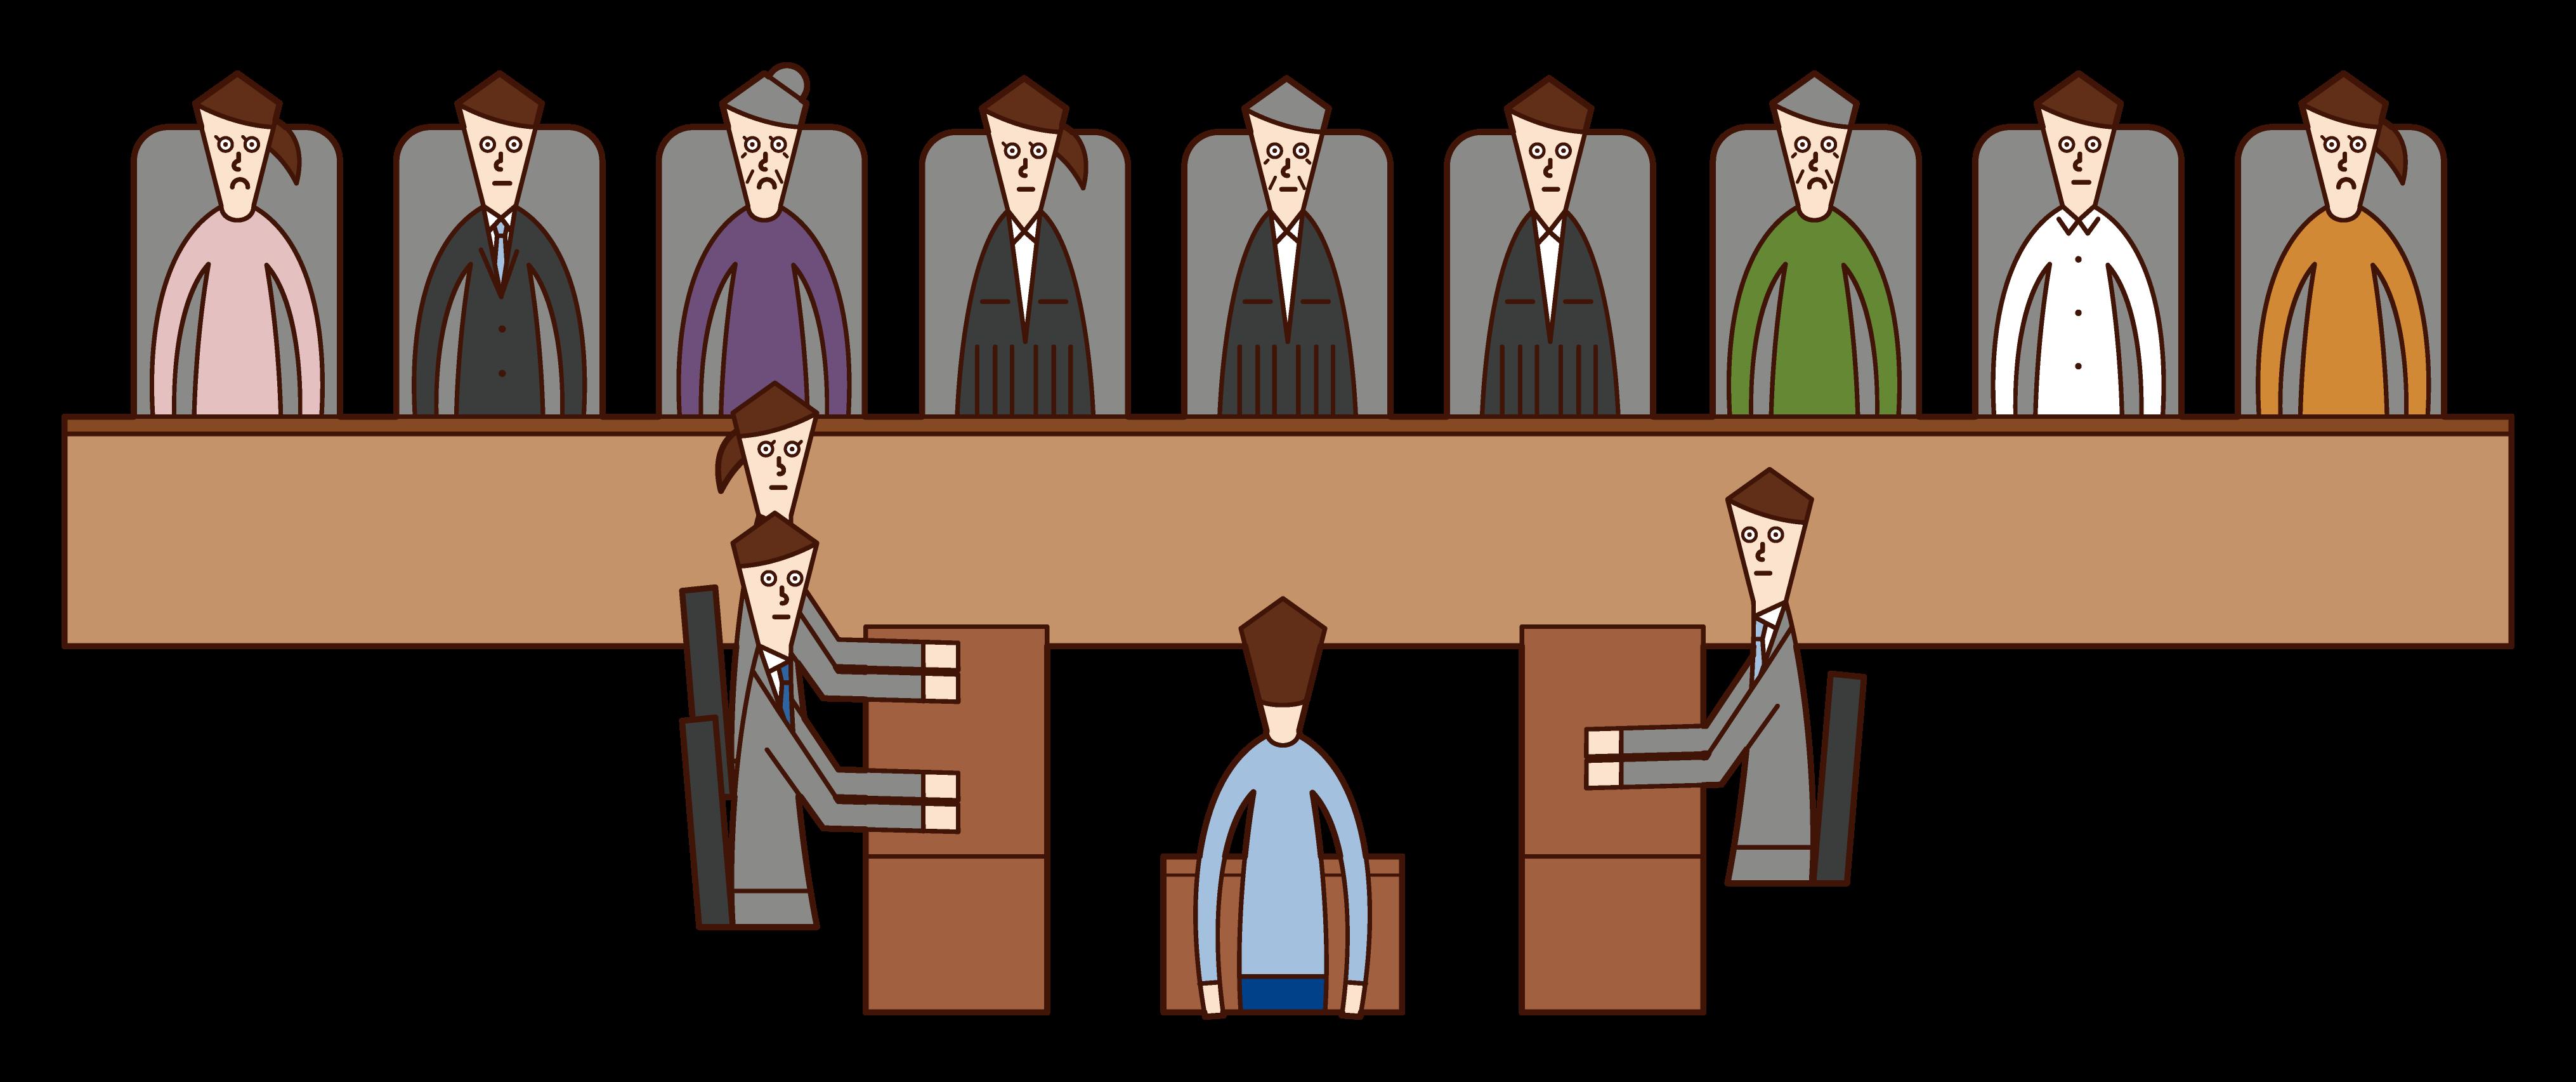 裁判員制度のイラスト